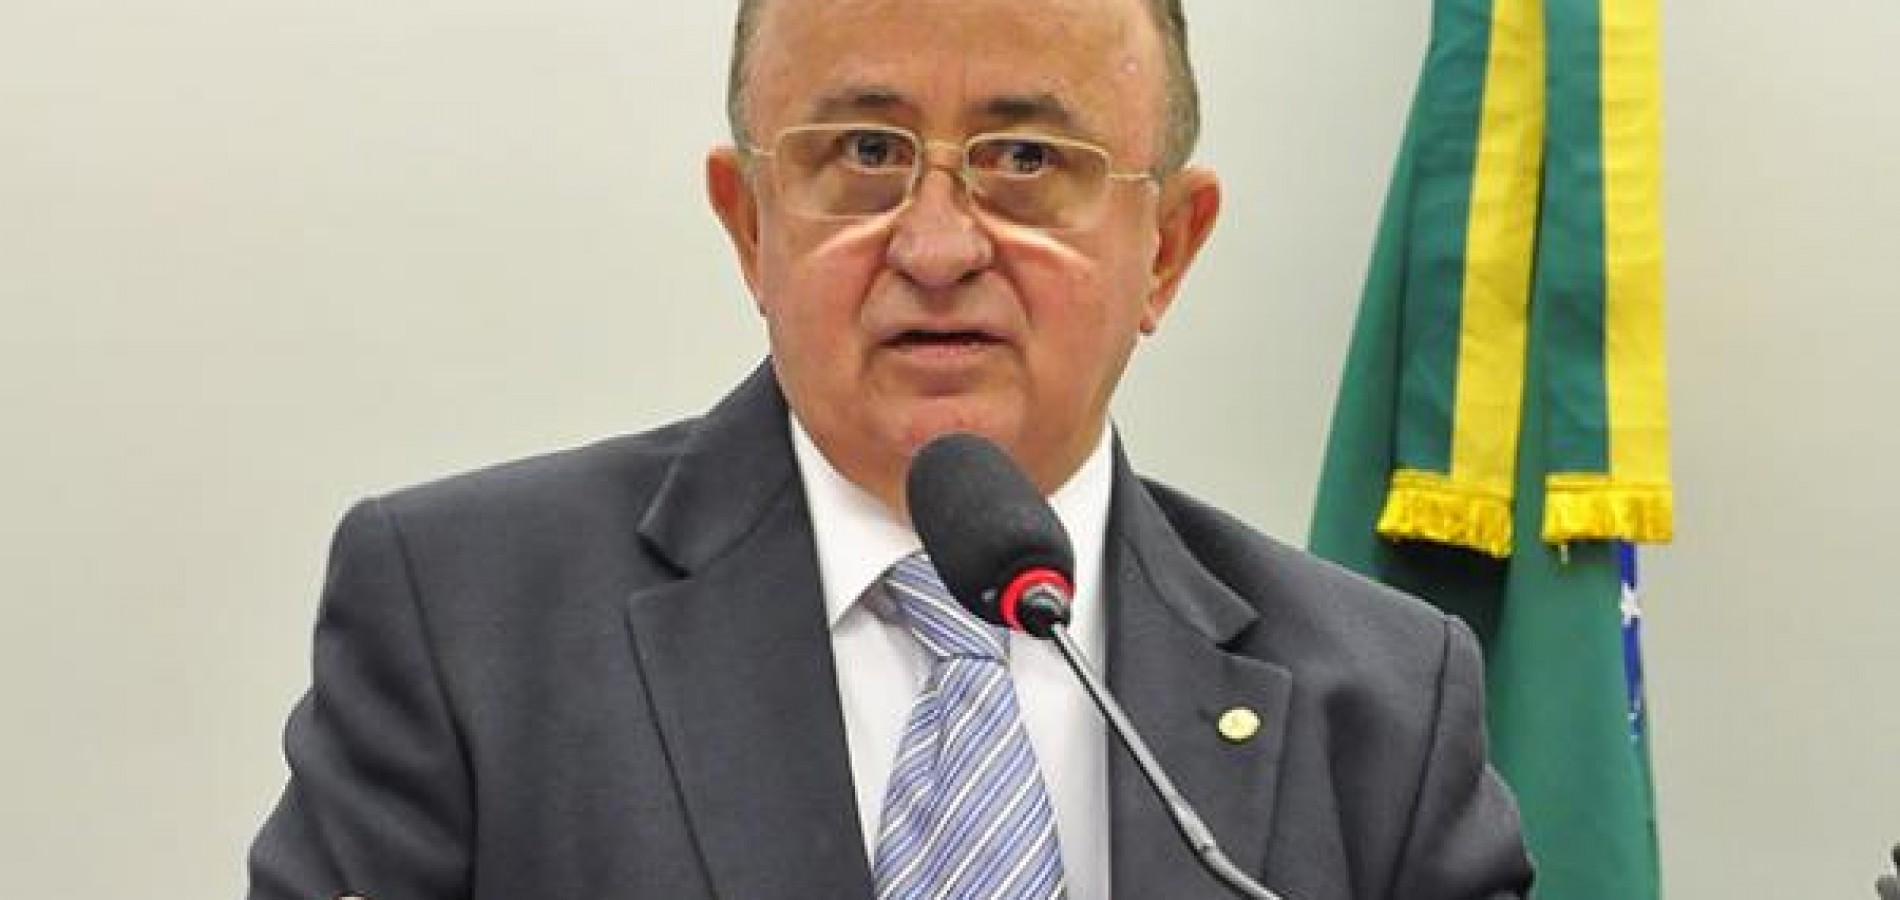 Deputado negocia precatórios no valor de R$ 400 mi dos municípios do Piauí